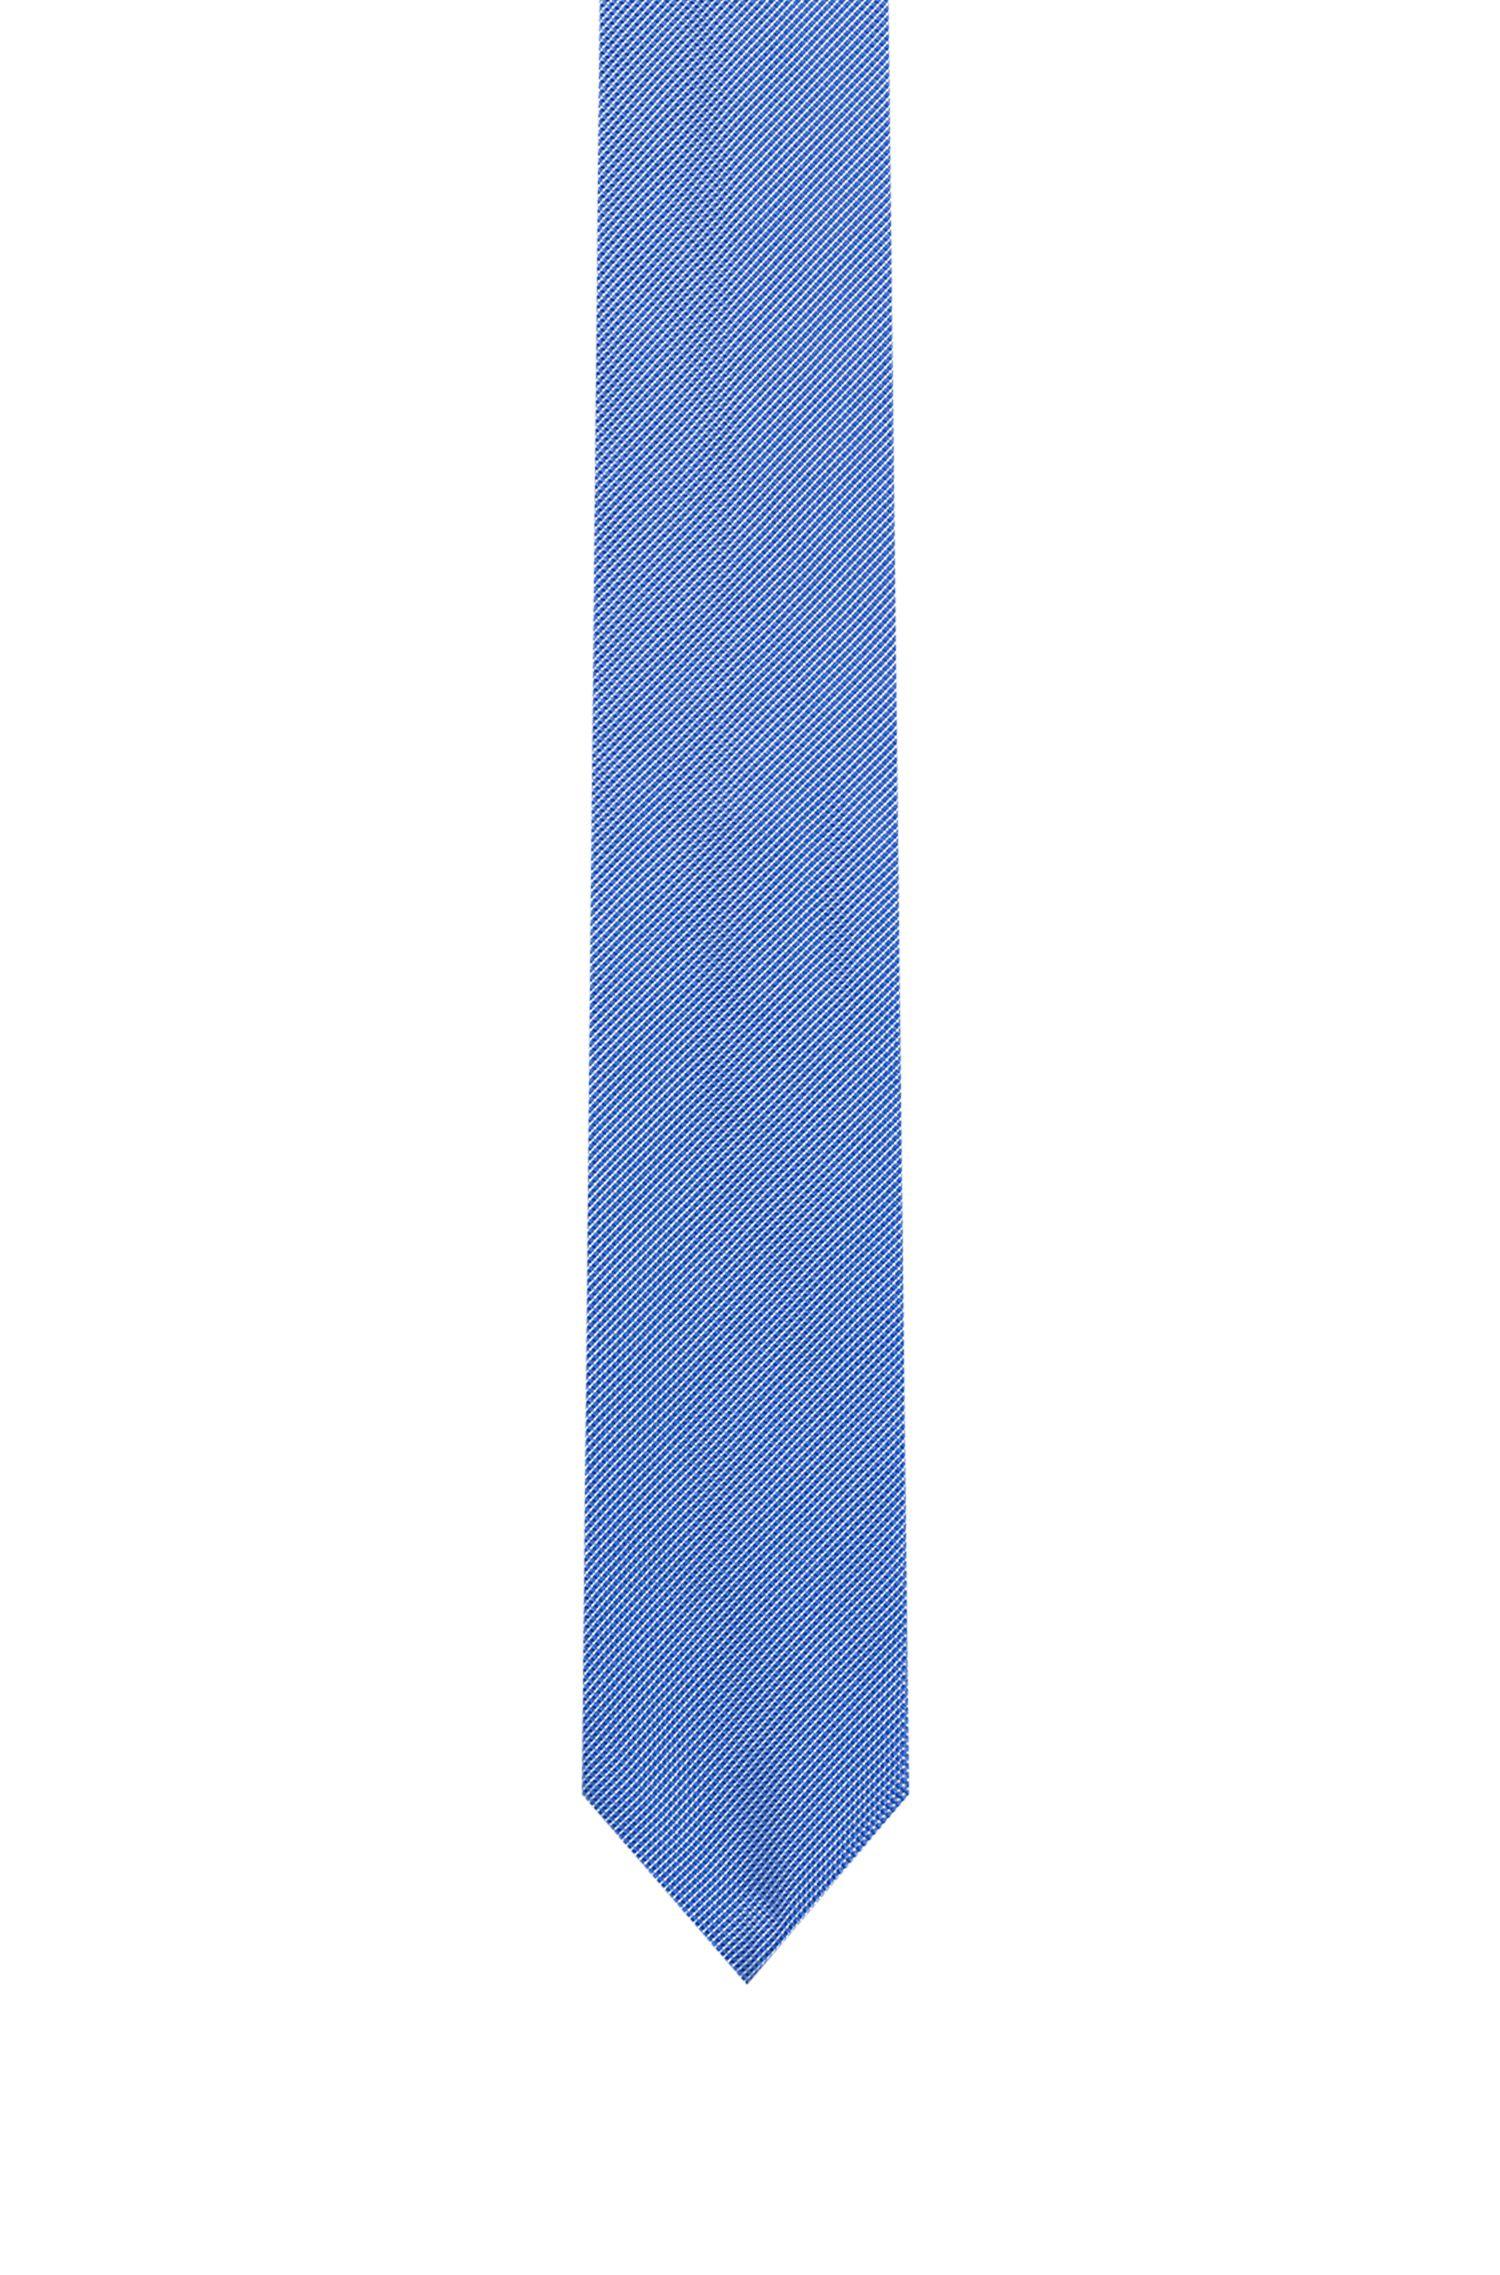 Pure-silk tie in micro-dot jacquard